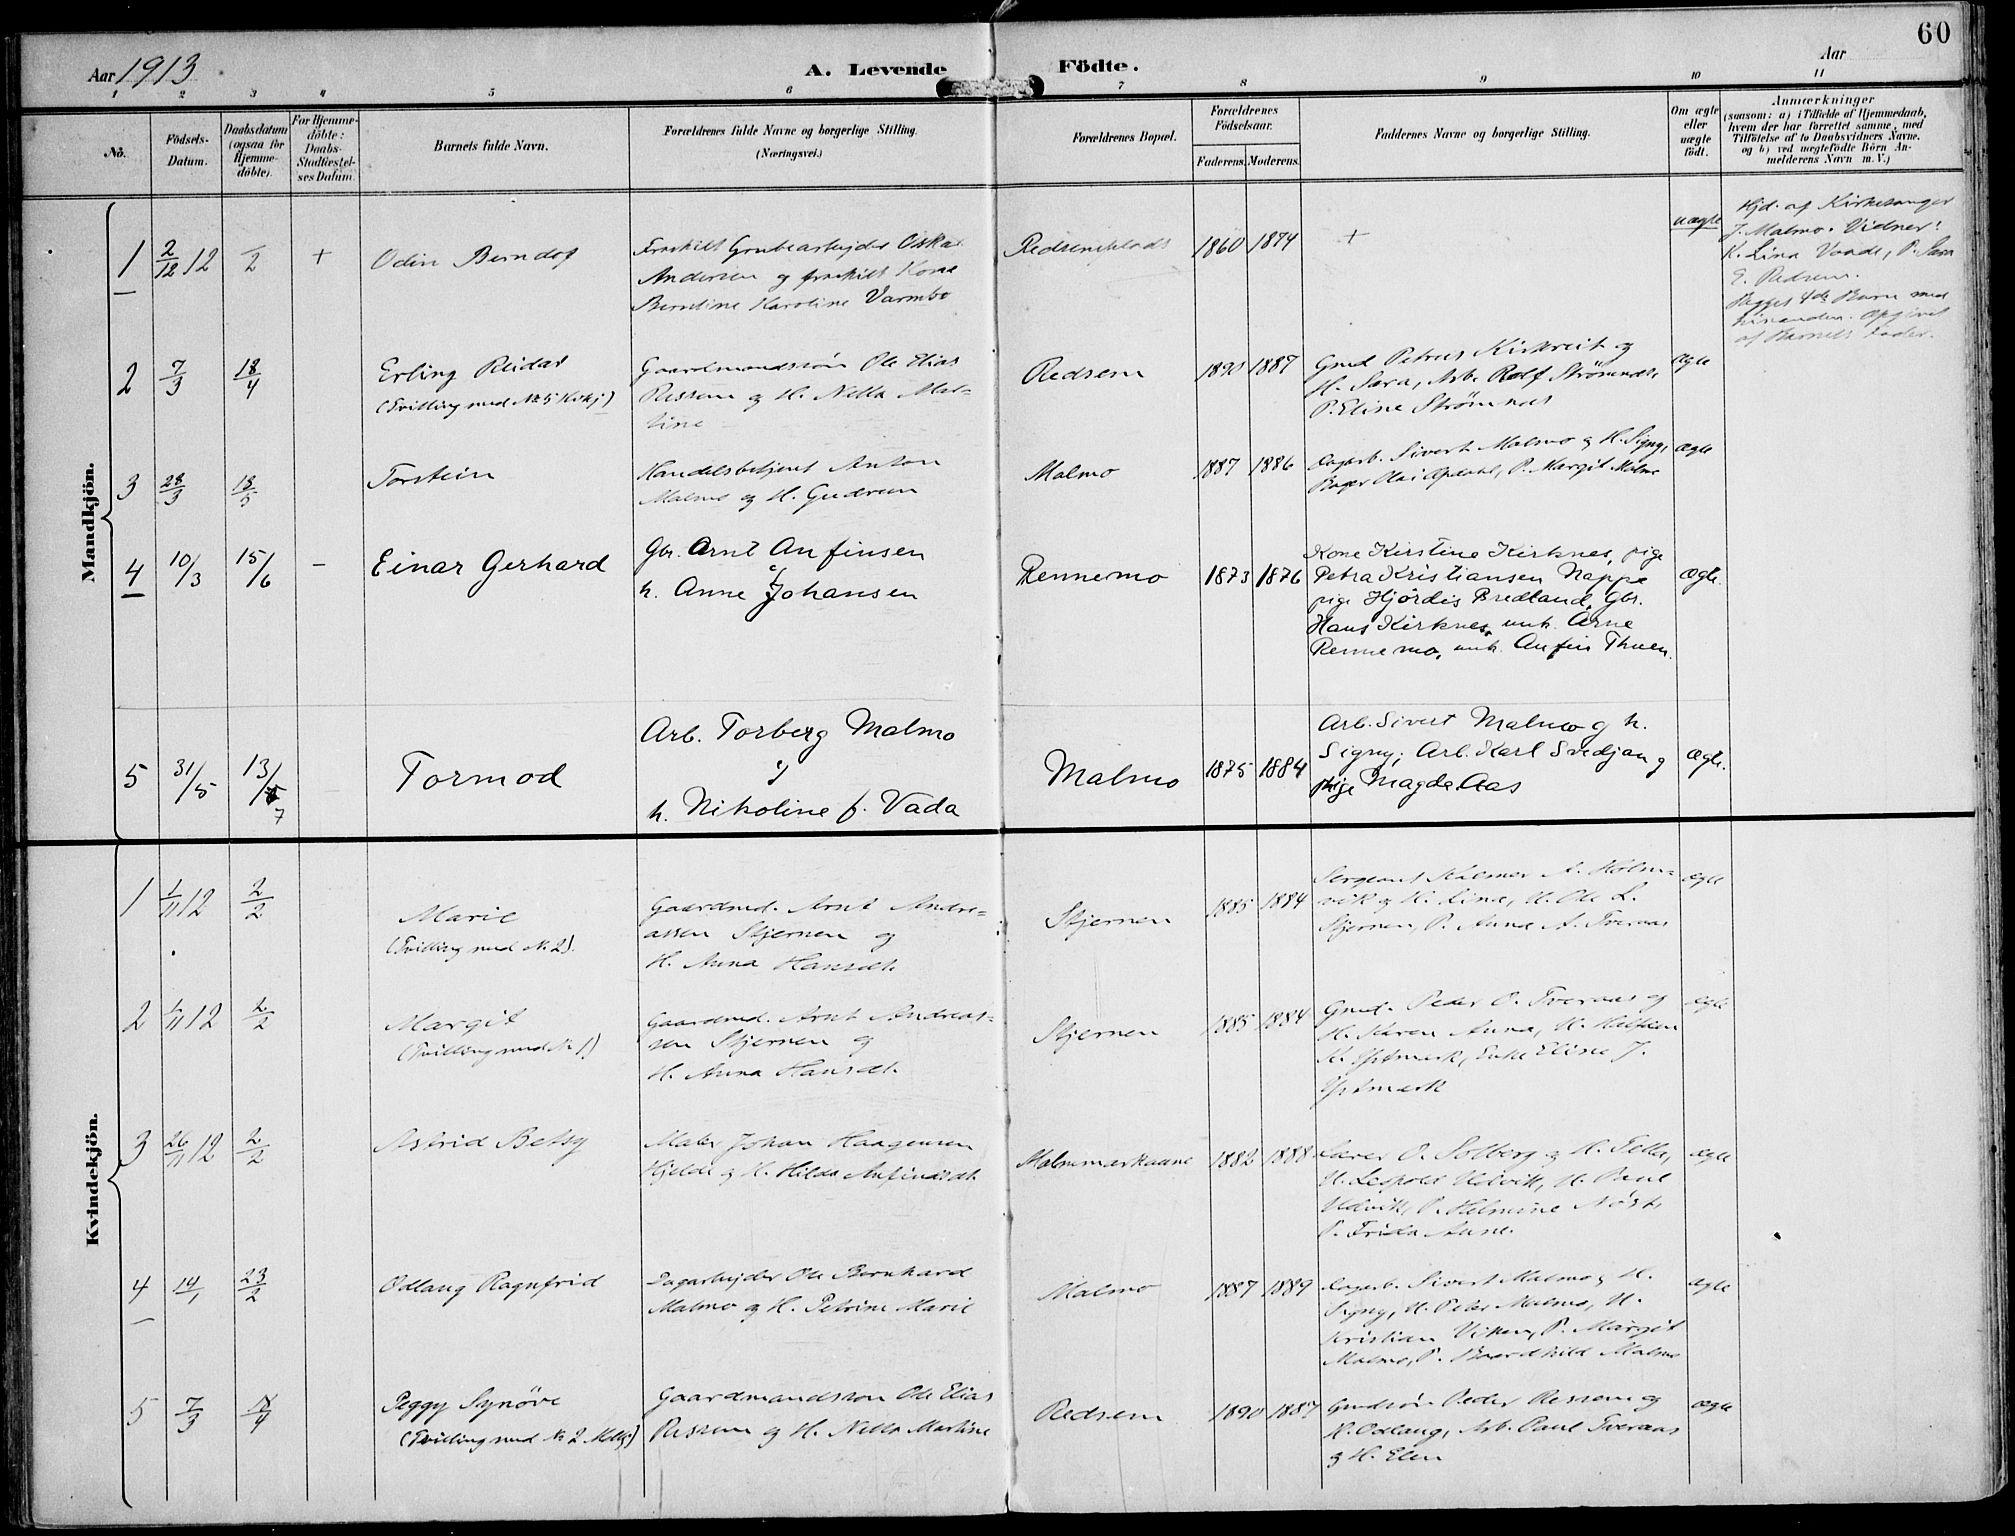 SAT, Ministerialprotokoller, klokkerbøker og fødselsregistre - Nord-Trøndelag, 745/L0430: Ministerialbok nr. 745A02, 1895-1913, s. 60